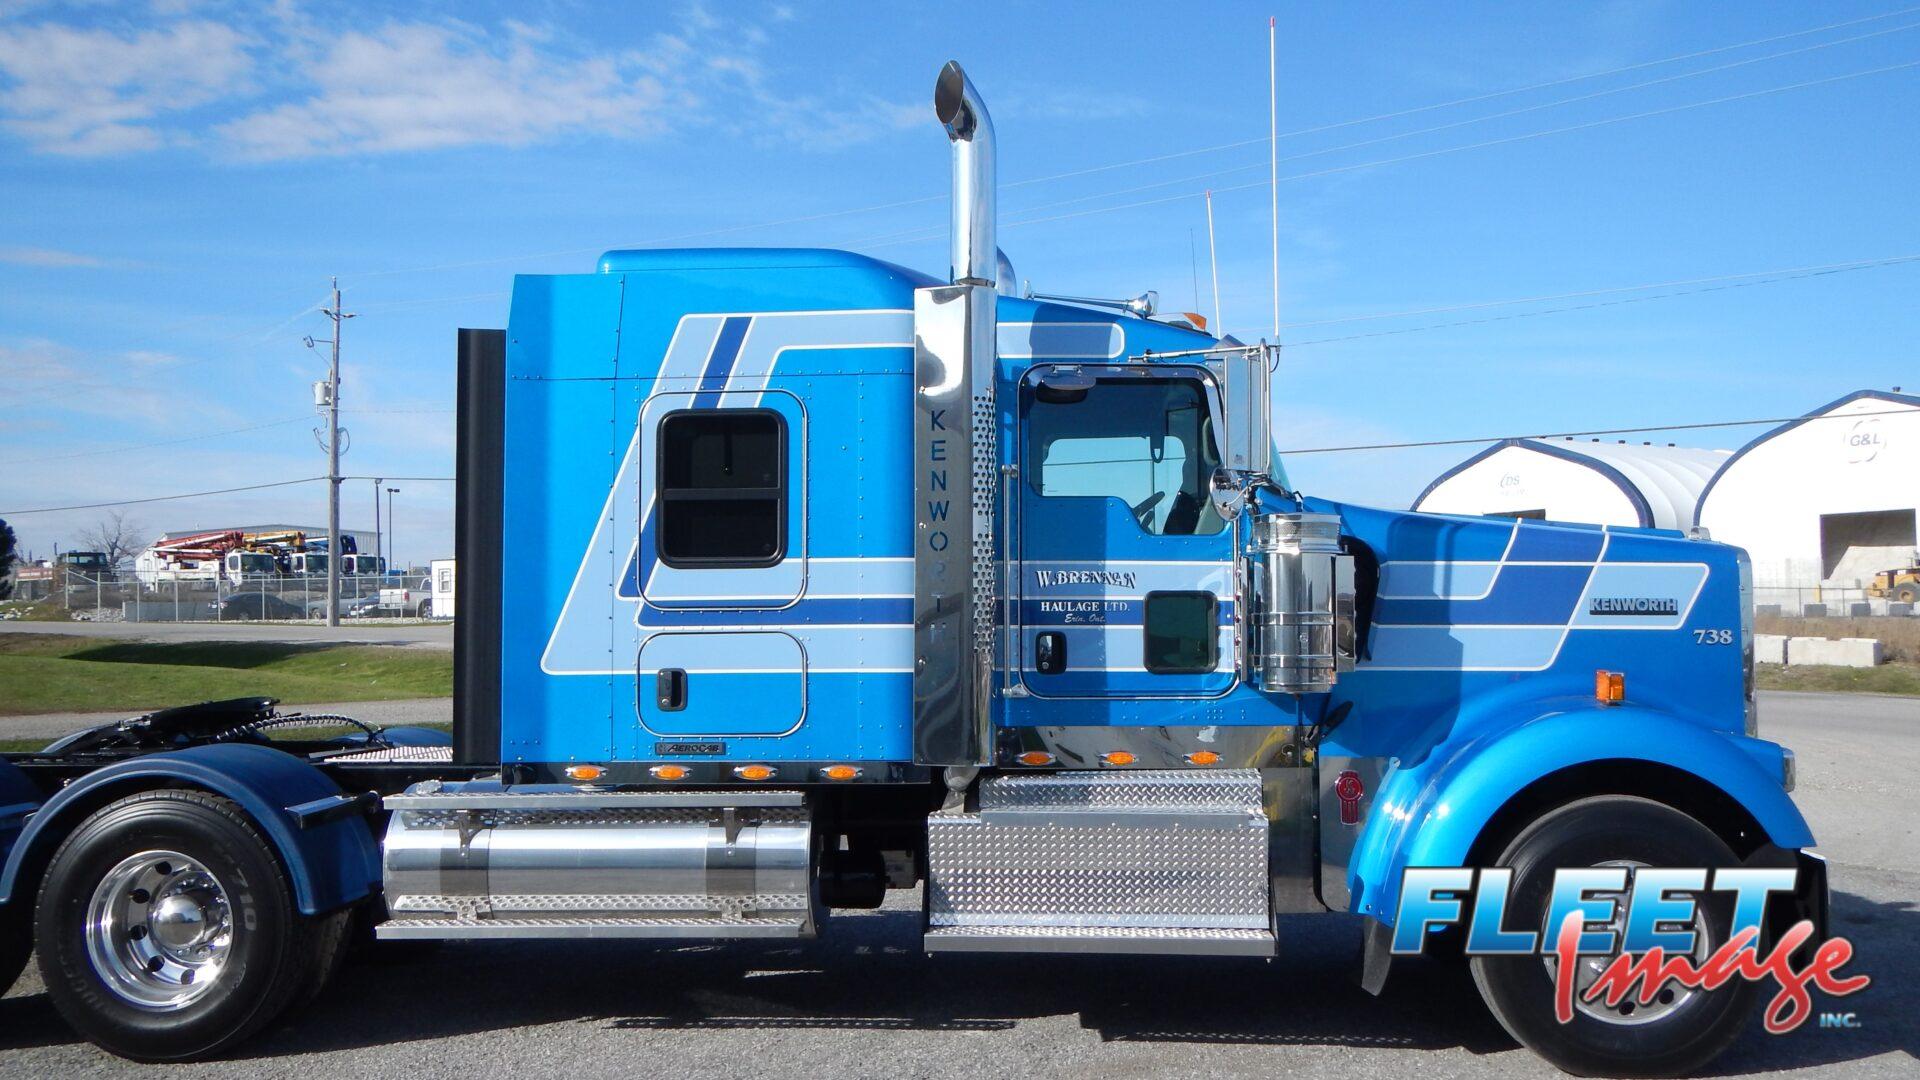 W. BRENNAN Haulage LTD. blue truck